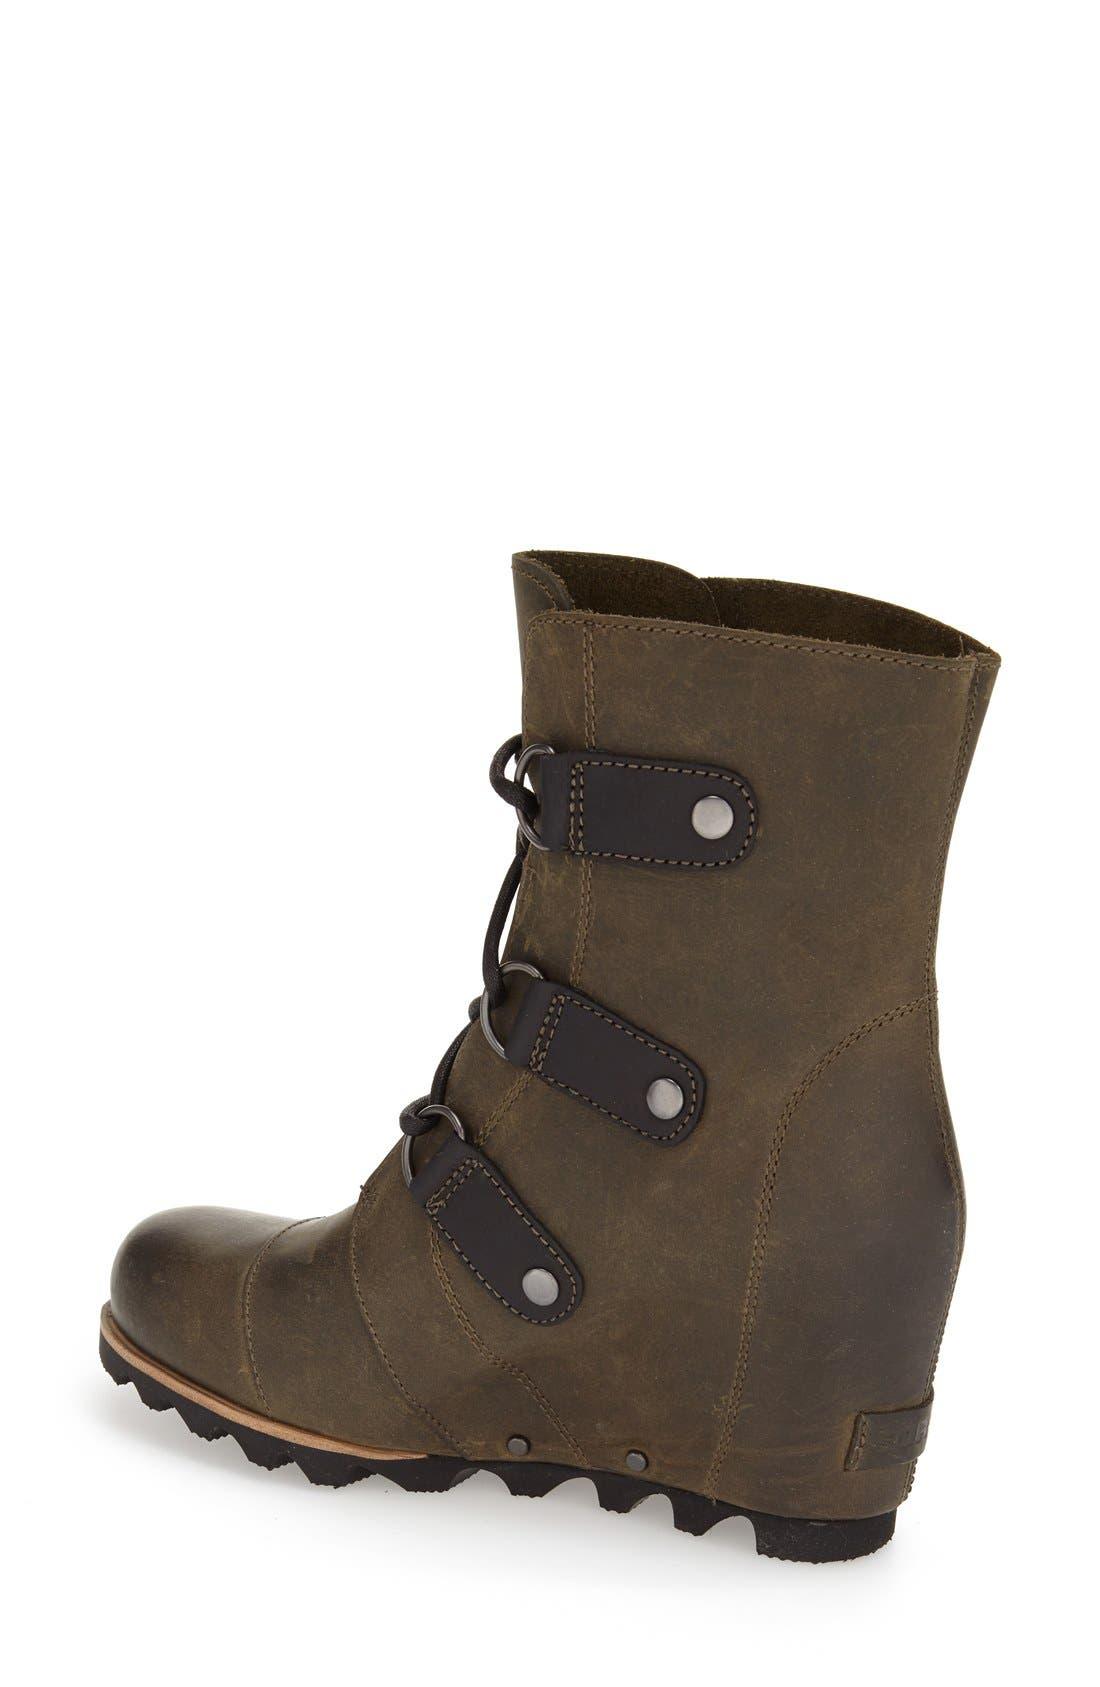 'Joan of Arctic' Waterproof Wedge Boot,                             Alternate thumbnail 34, color,